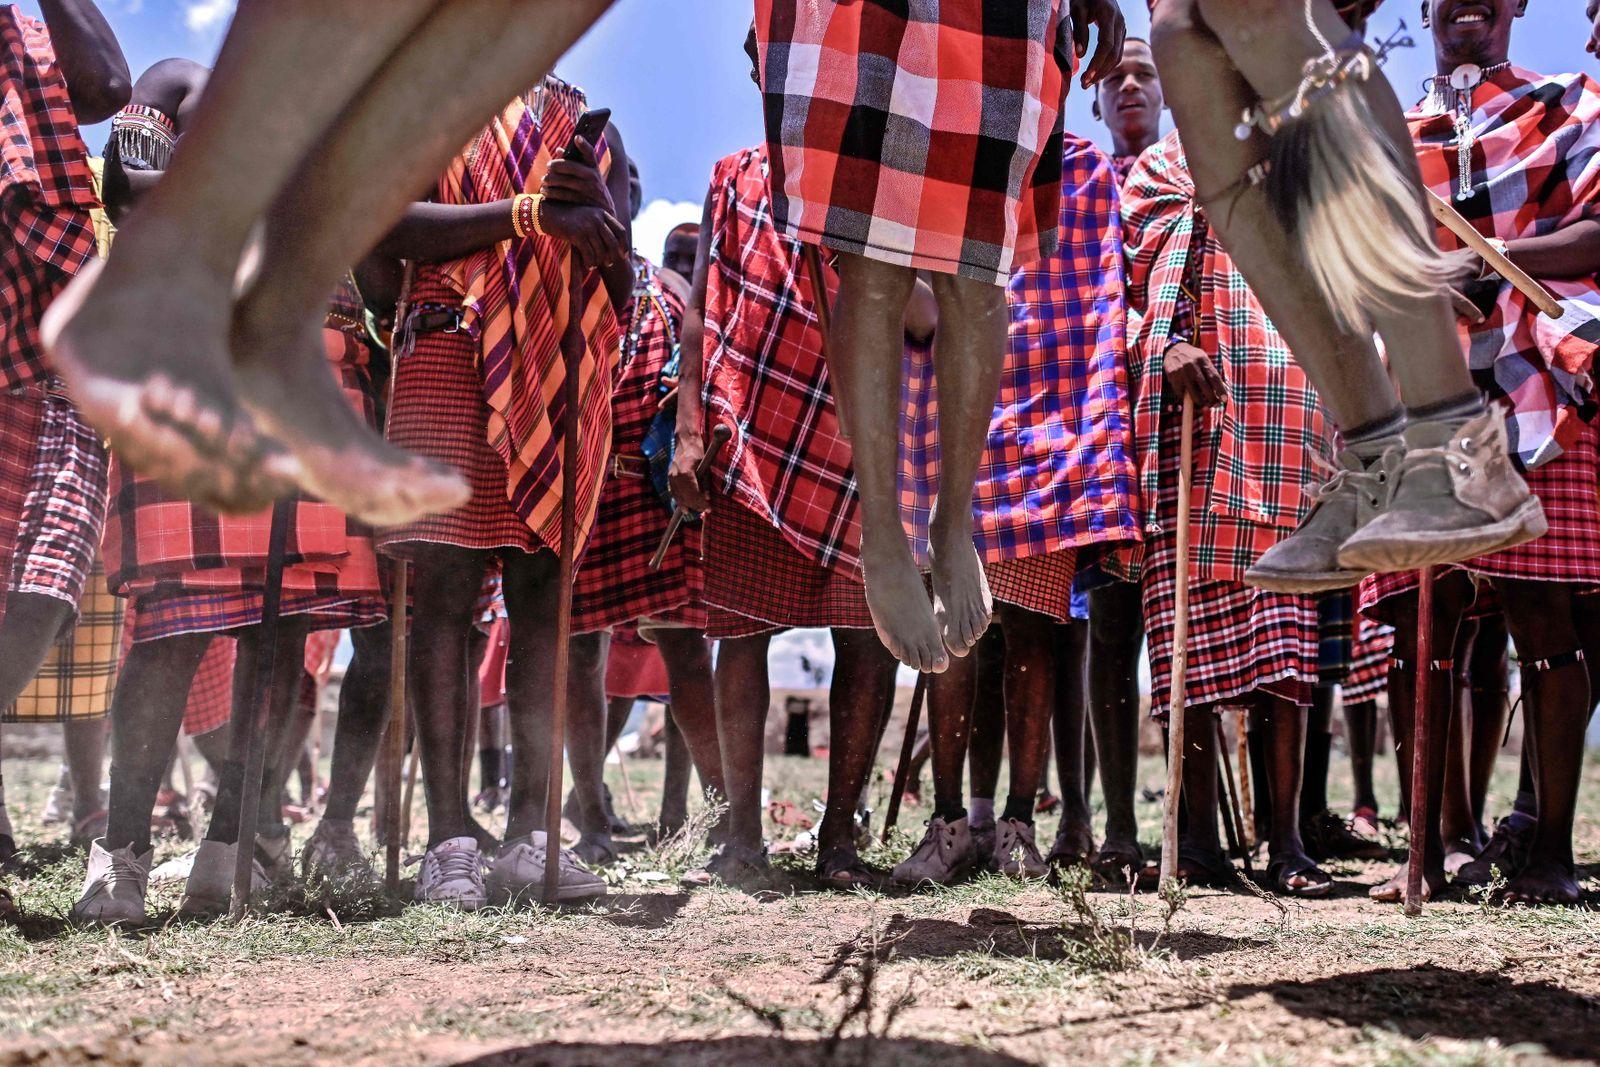 TOPSHOT-KENYA-CULTURE-MAASAI-RITE